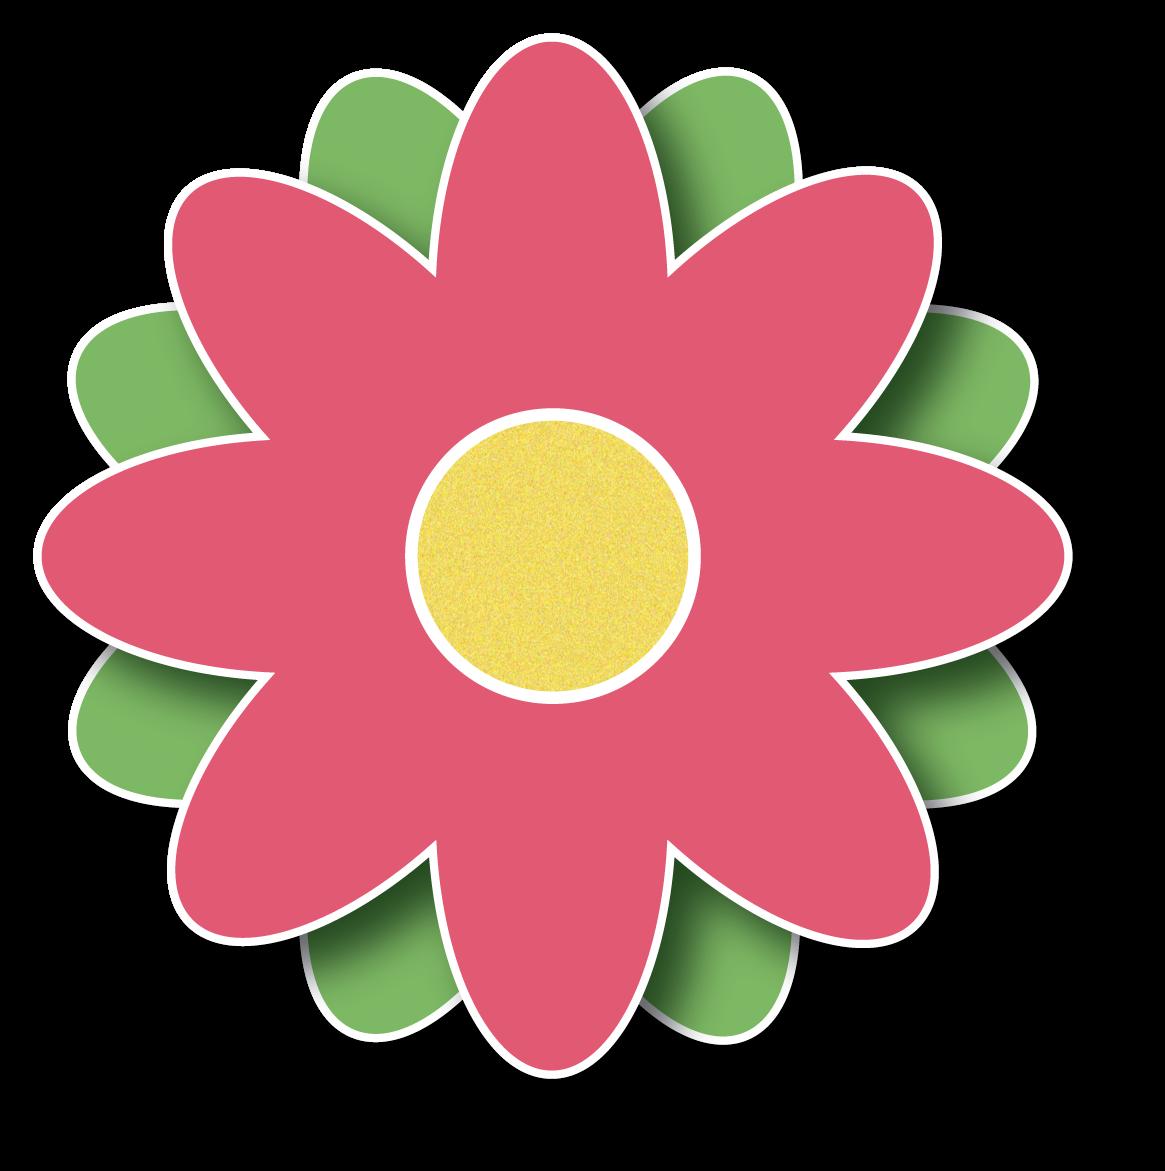 medium resolution of free spring clipart mtleeajta png 1165 1171 summer clipart